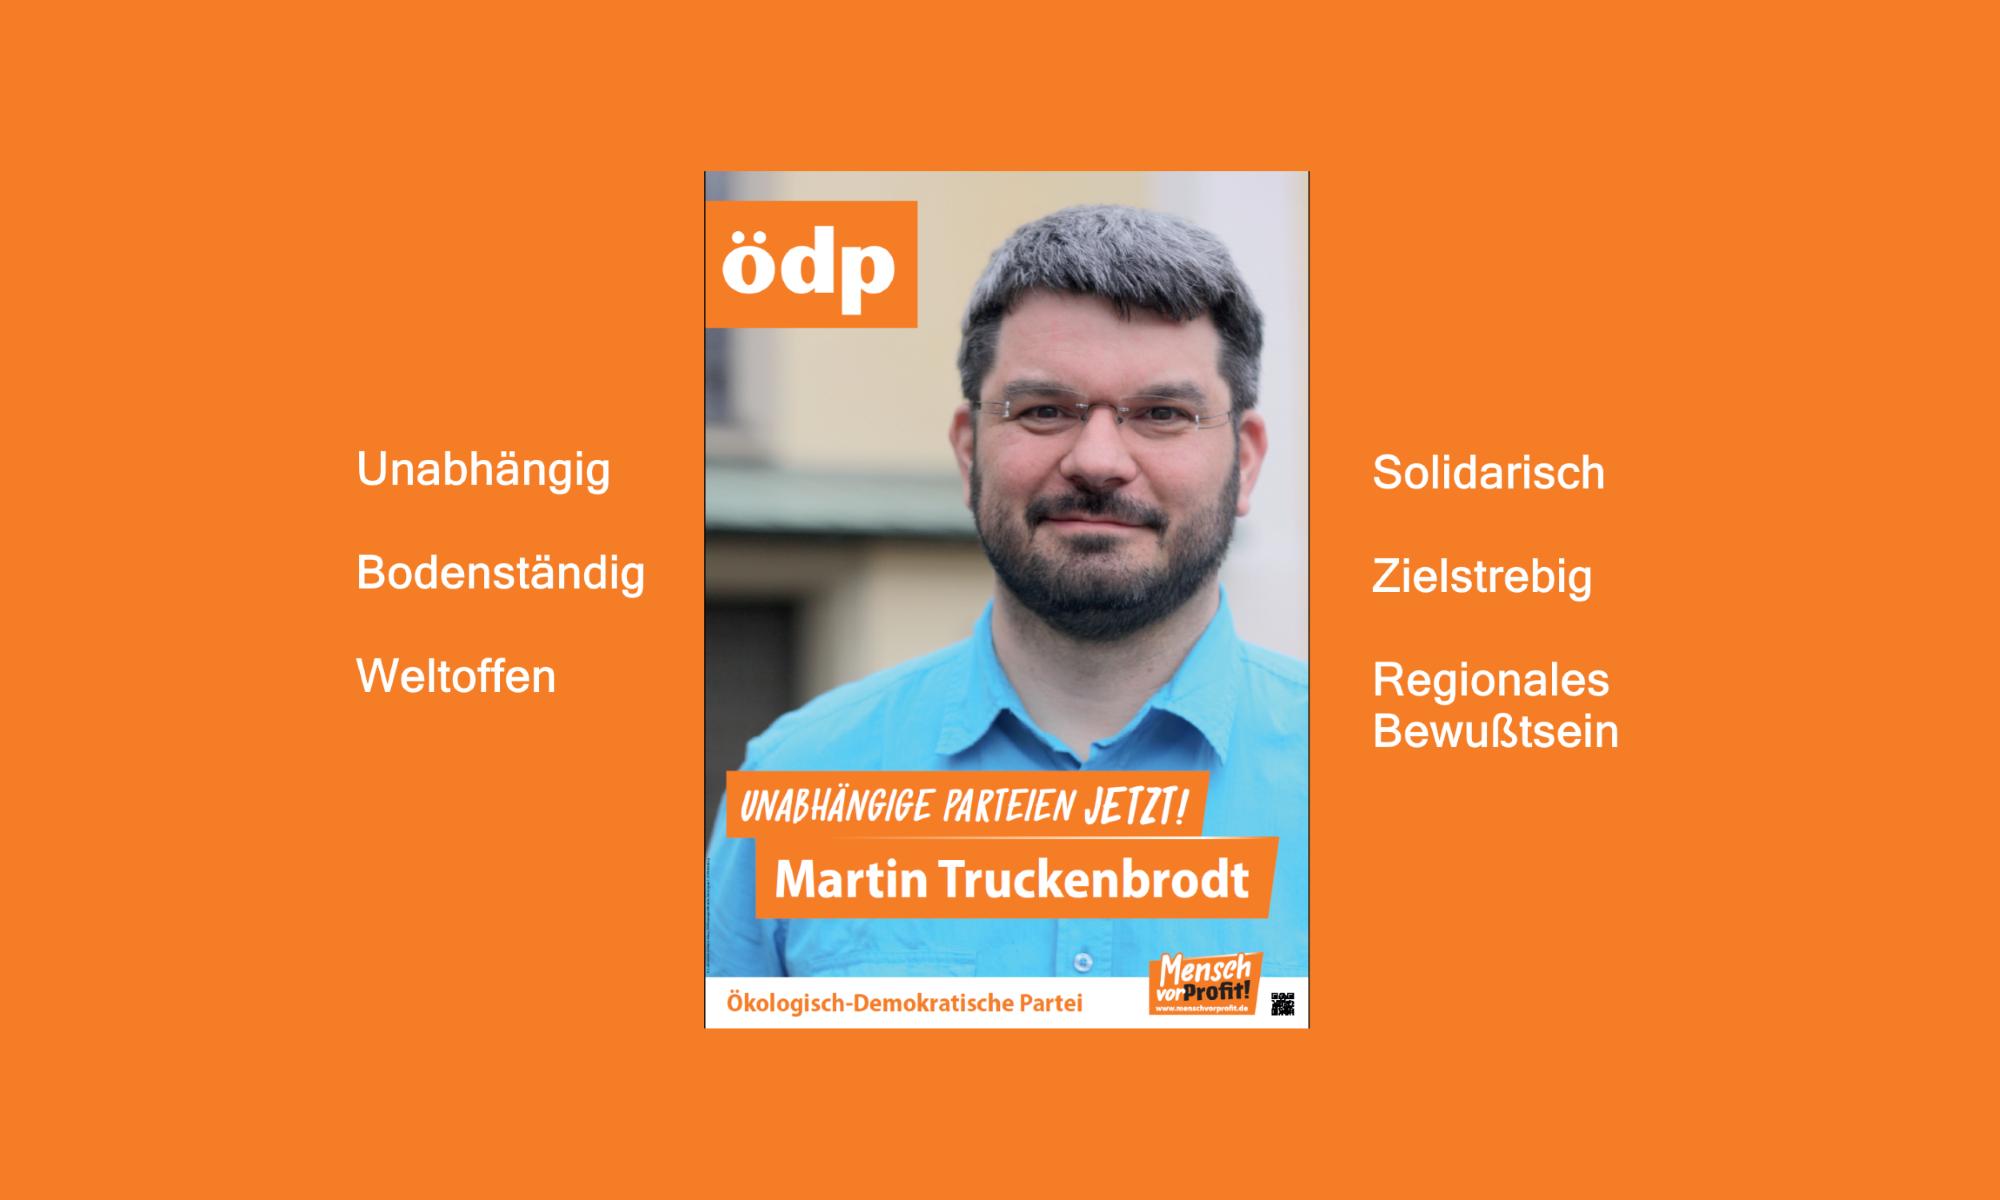 Martin Truckenbrodt ÖDP